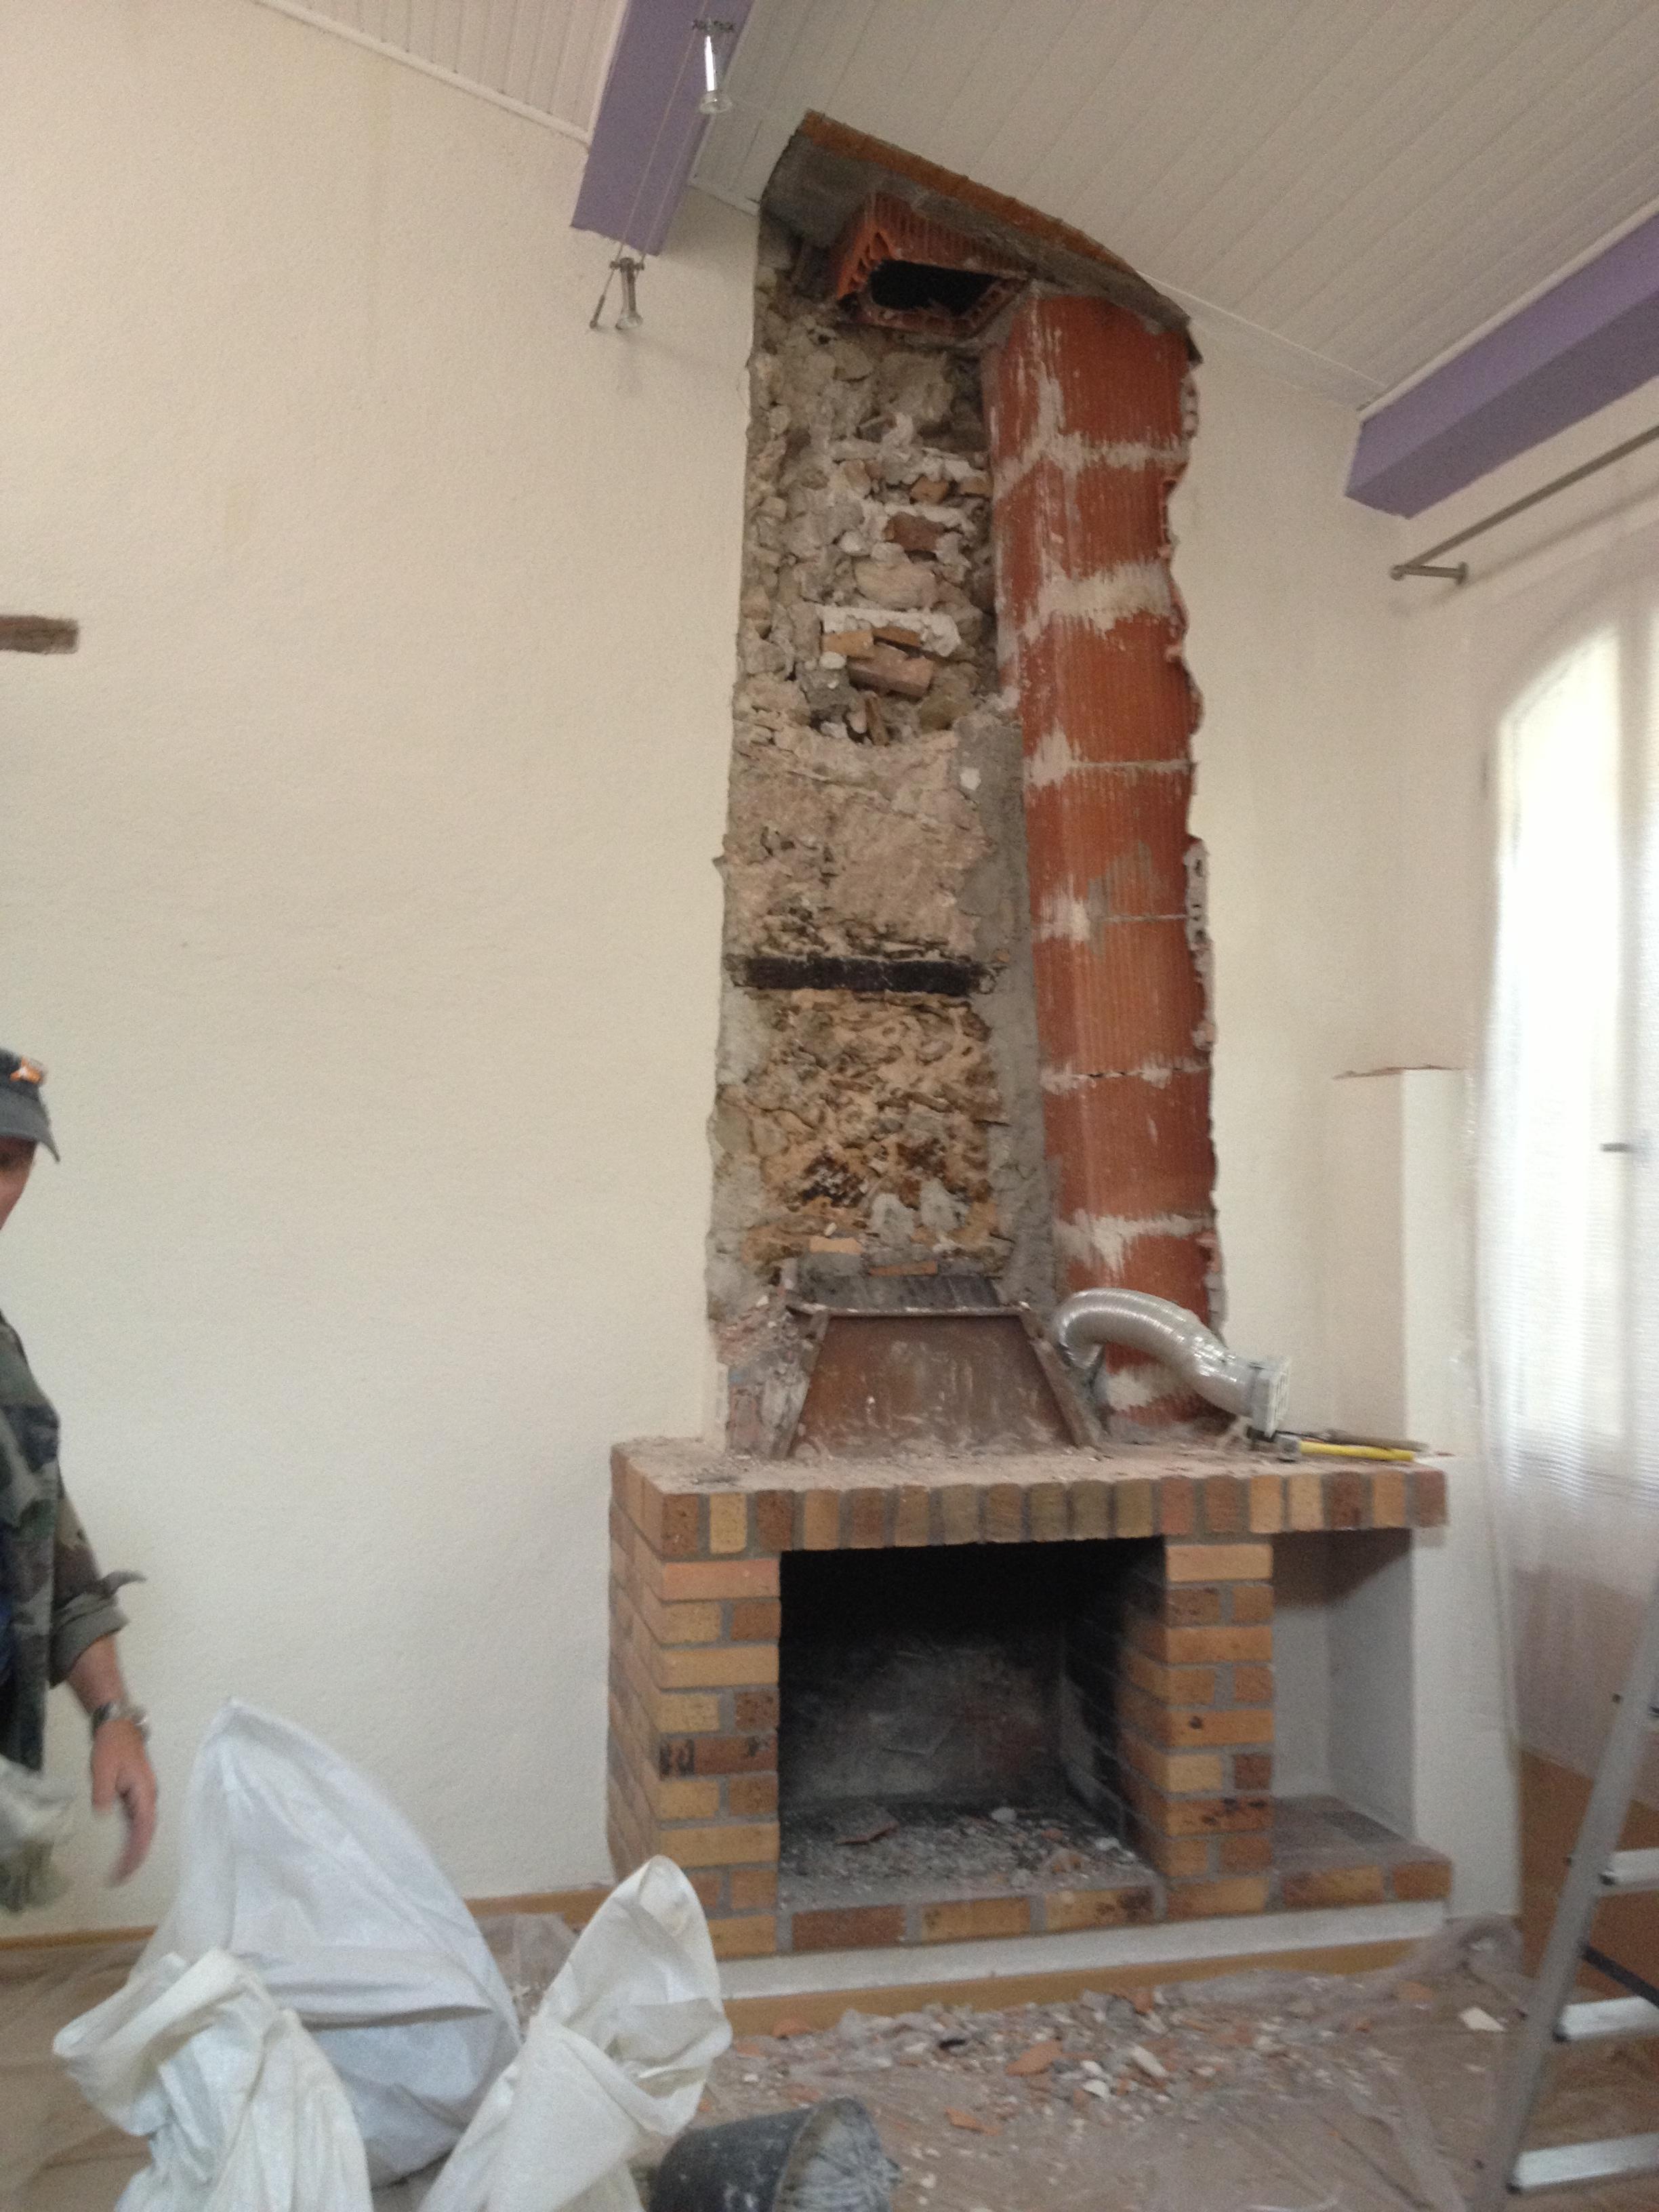 Vente et installation poeles a bois saint laurent du var alpes maritimes 06 pres de nice - Demolition cheminee ancienne ...